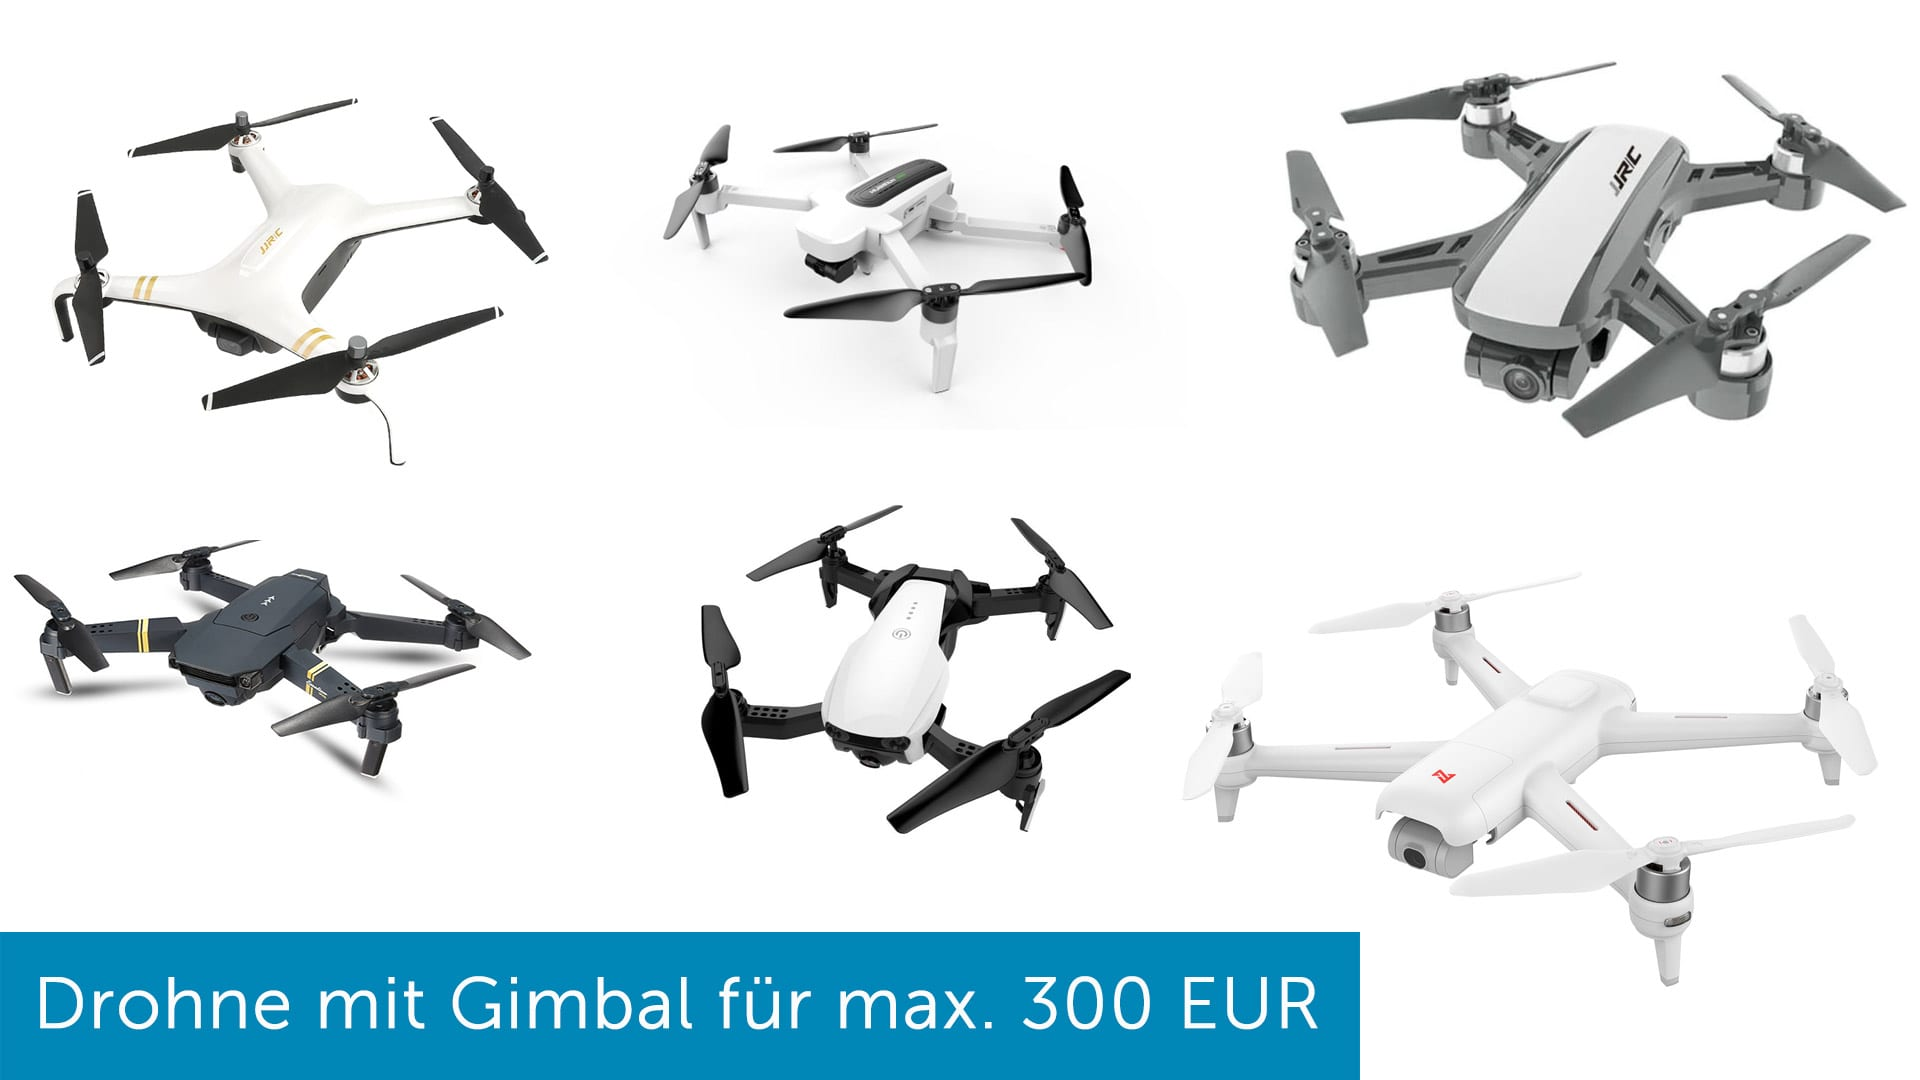 günstige Drohne mit Kamera Gimbal und GPS